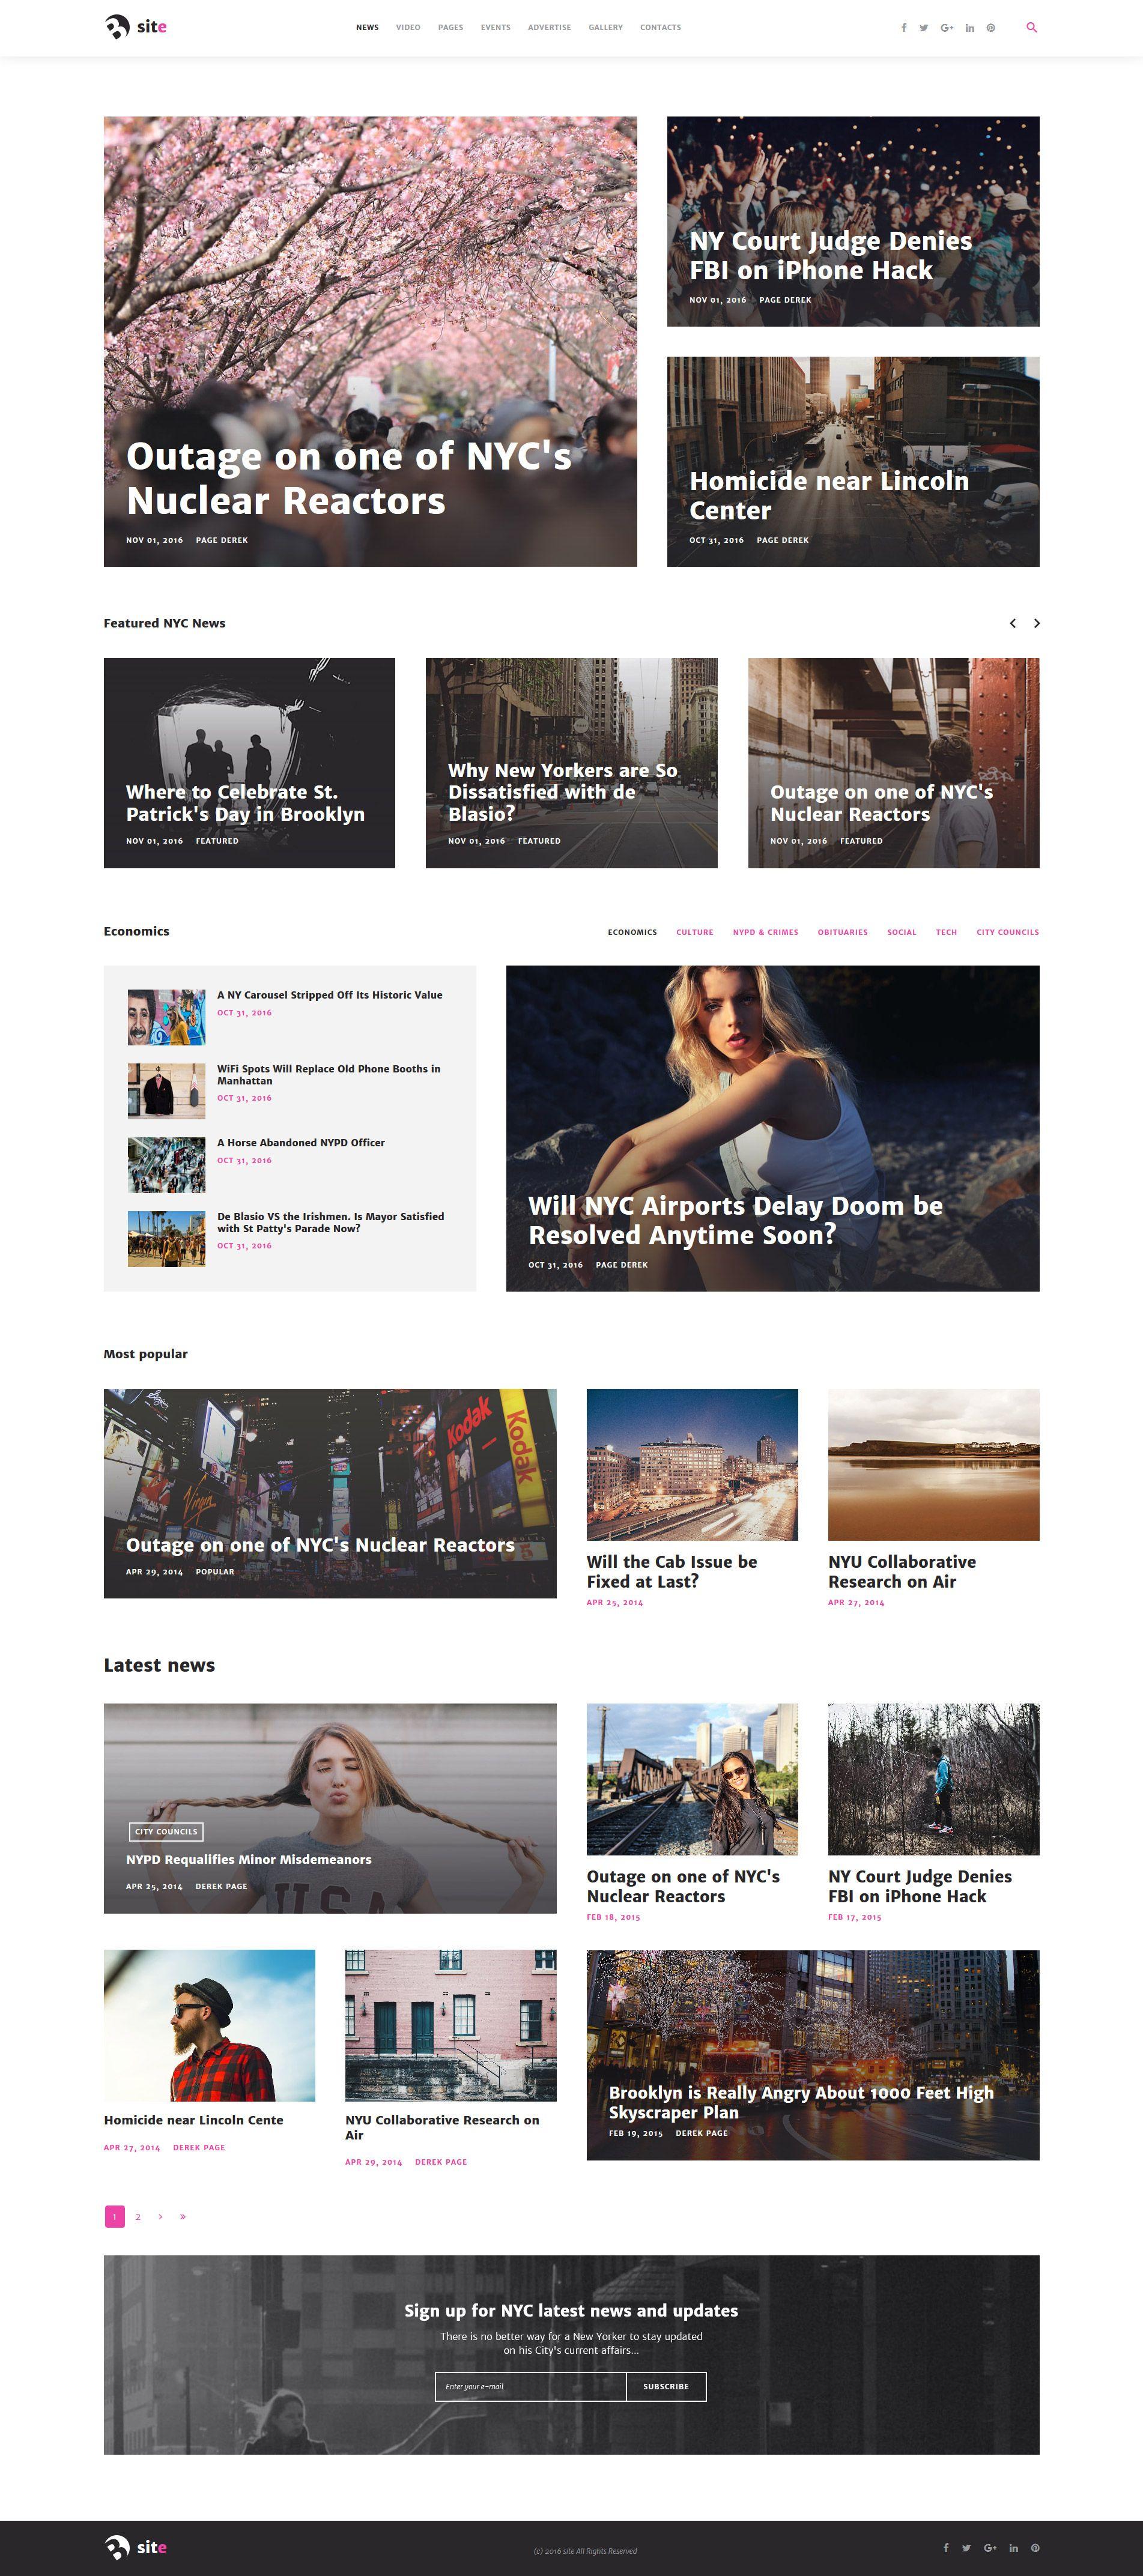 Bsite News Portal Responsive Joomla Template New Website